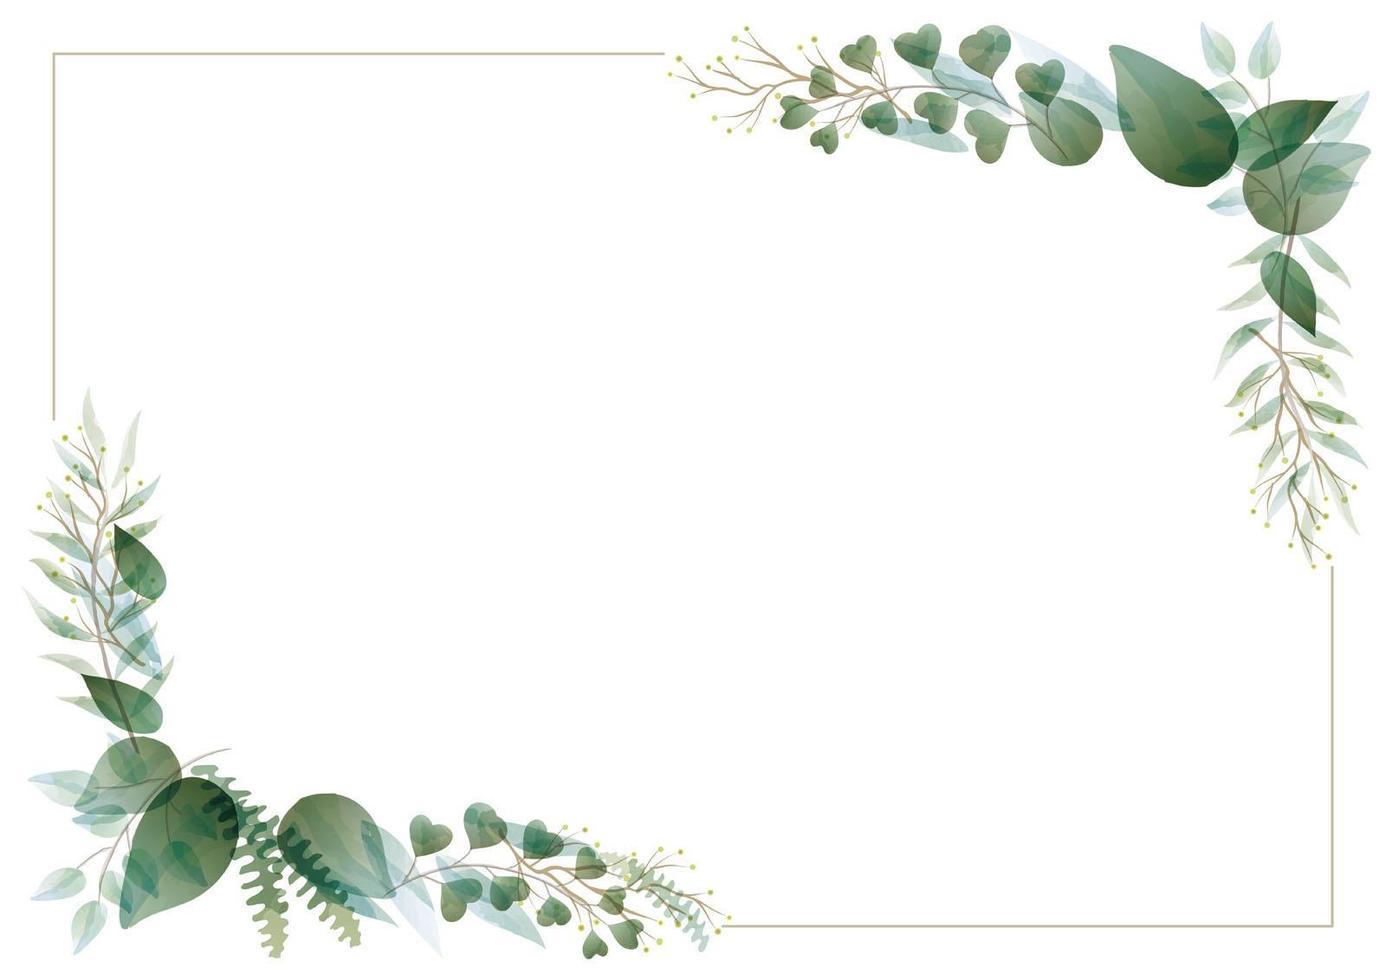 marco de rectángulo botánico acuarela vector